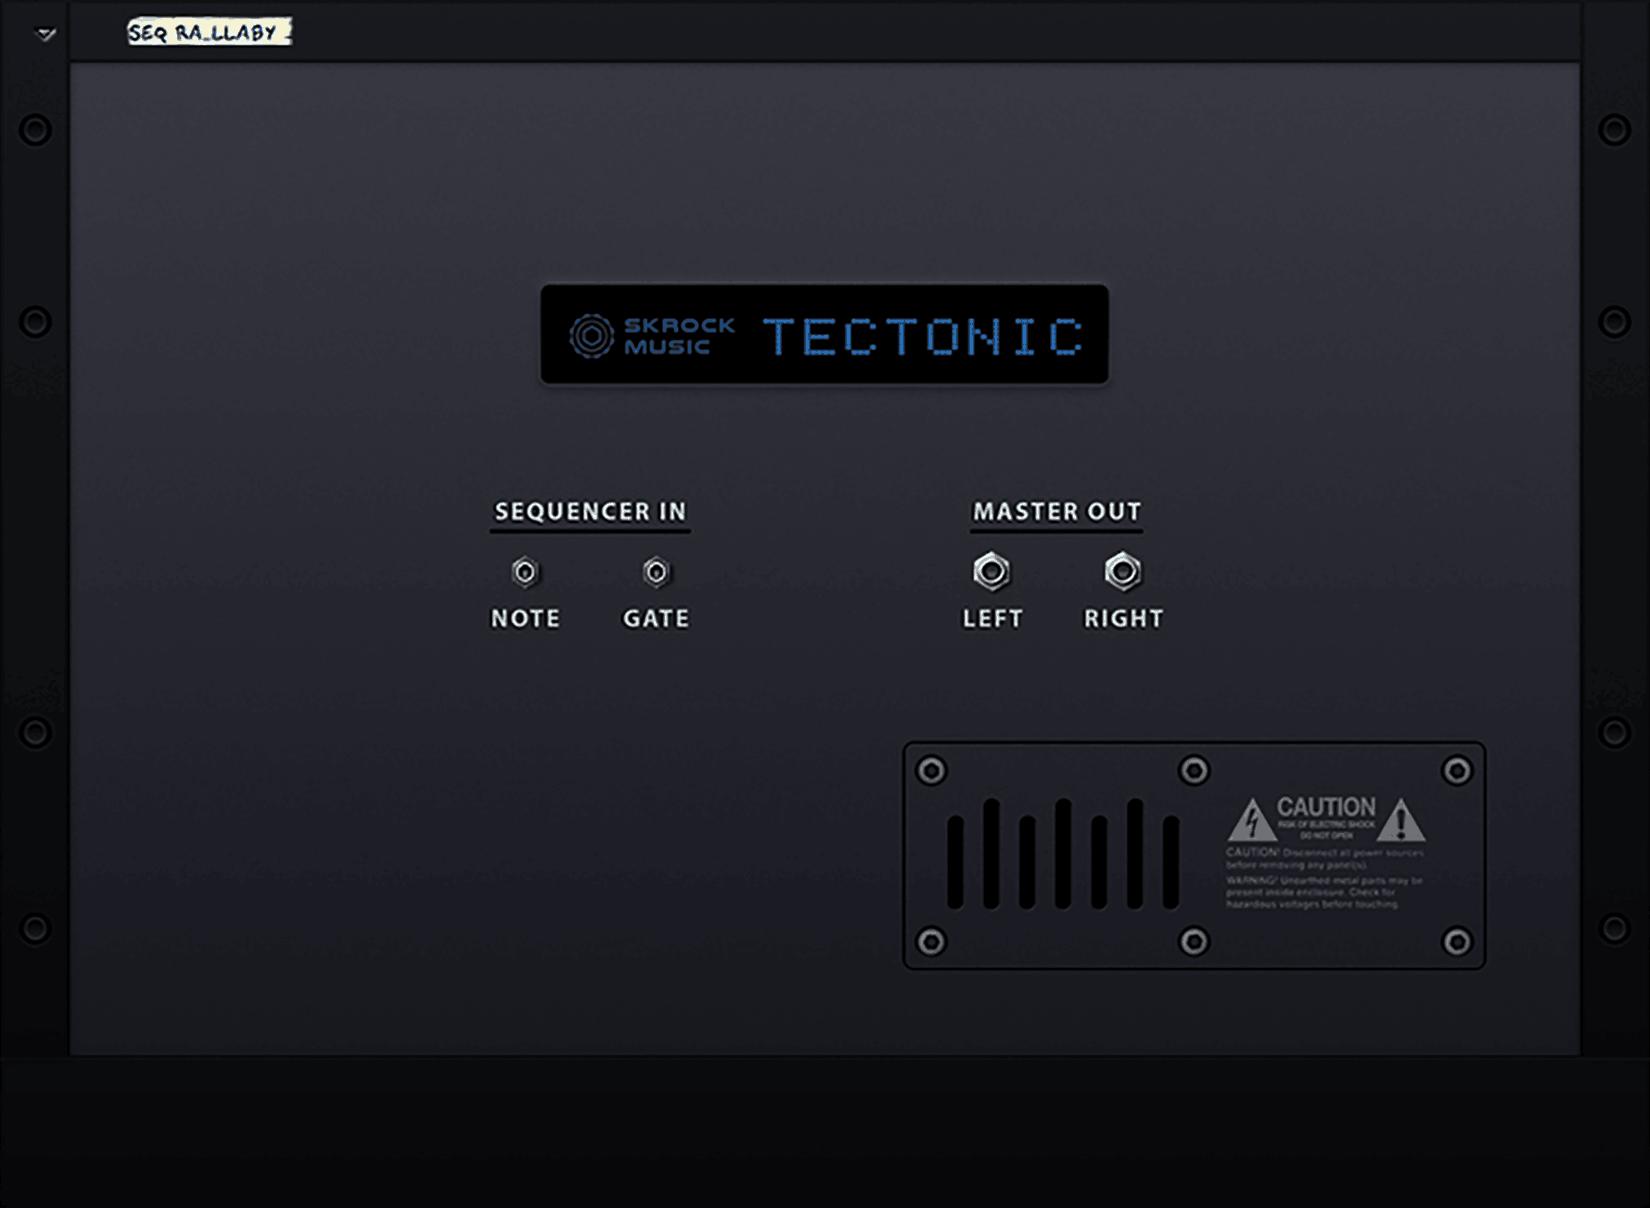 Tectonic synthesizer back